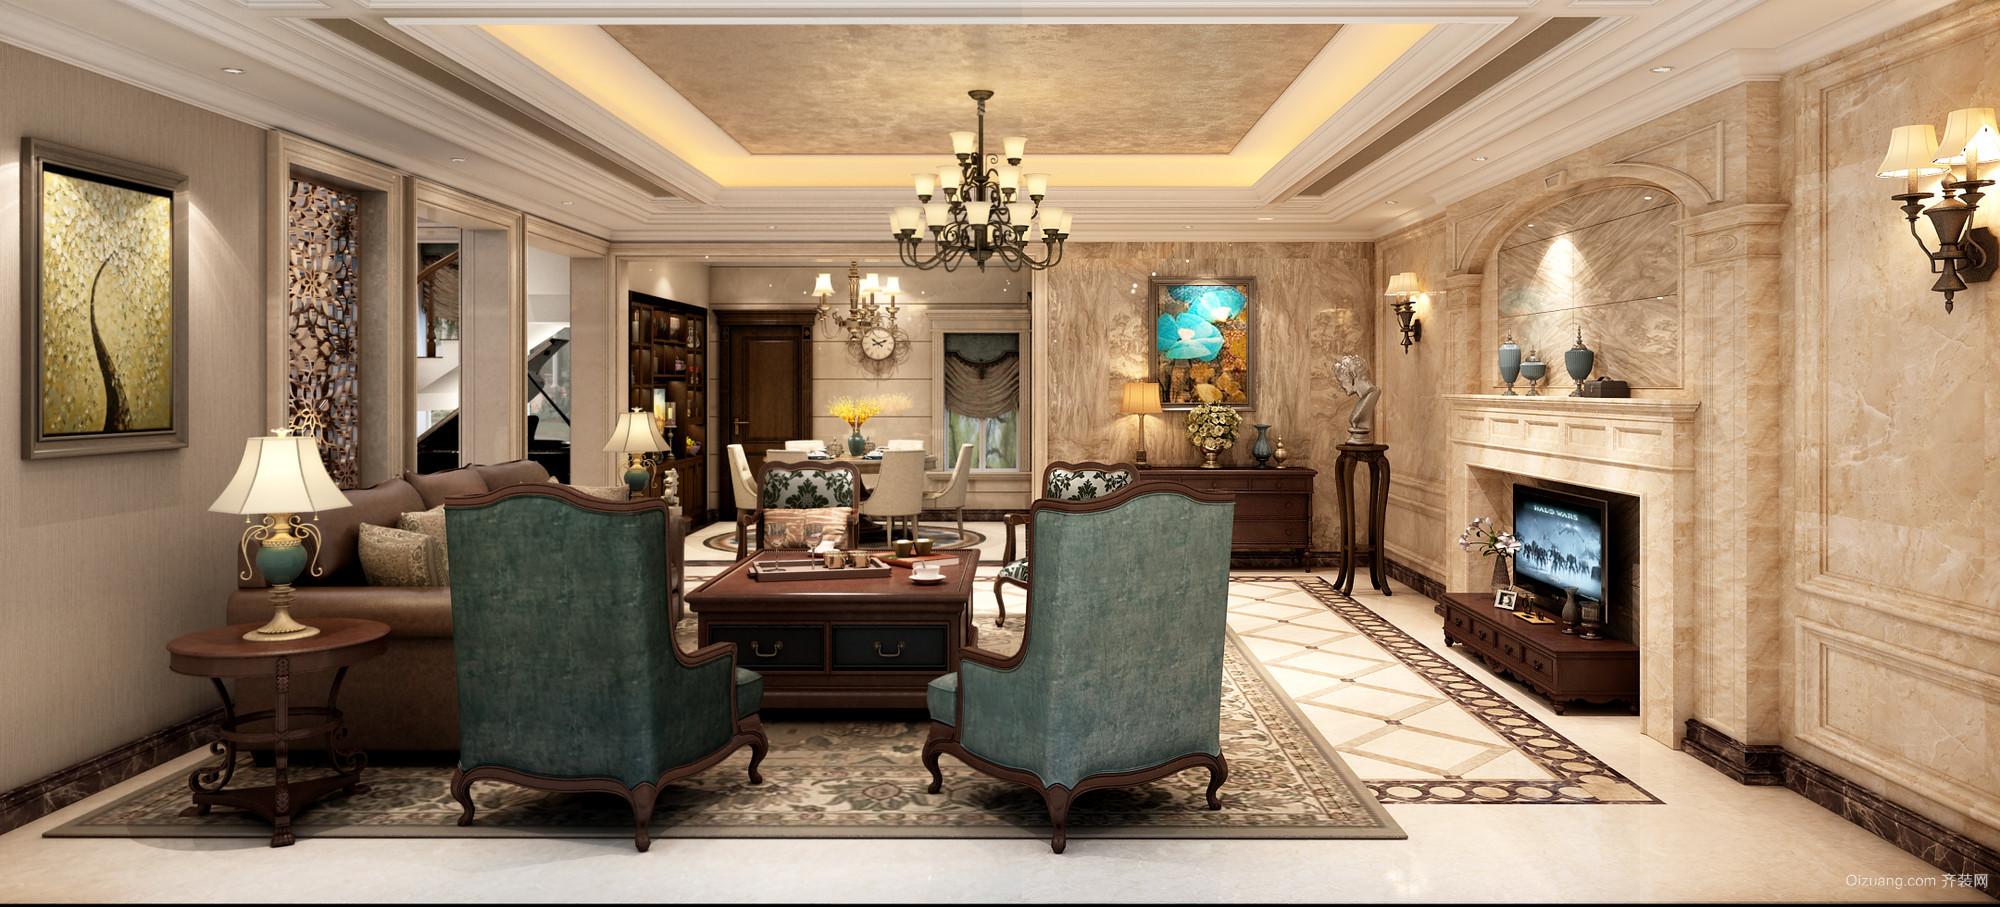 扬中自建别墅美式风格装修效果图实景图